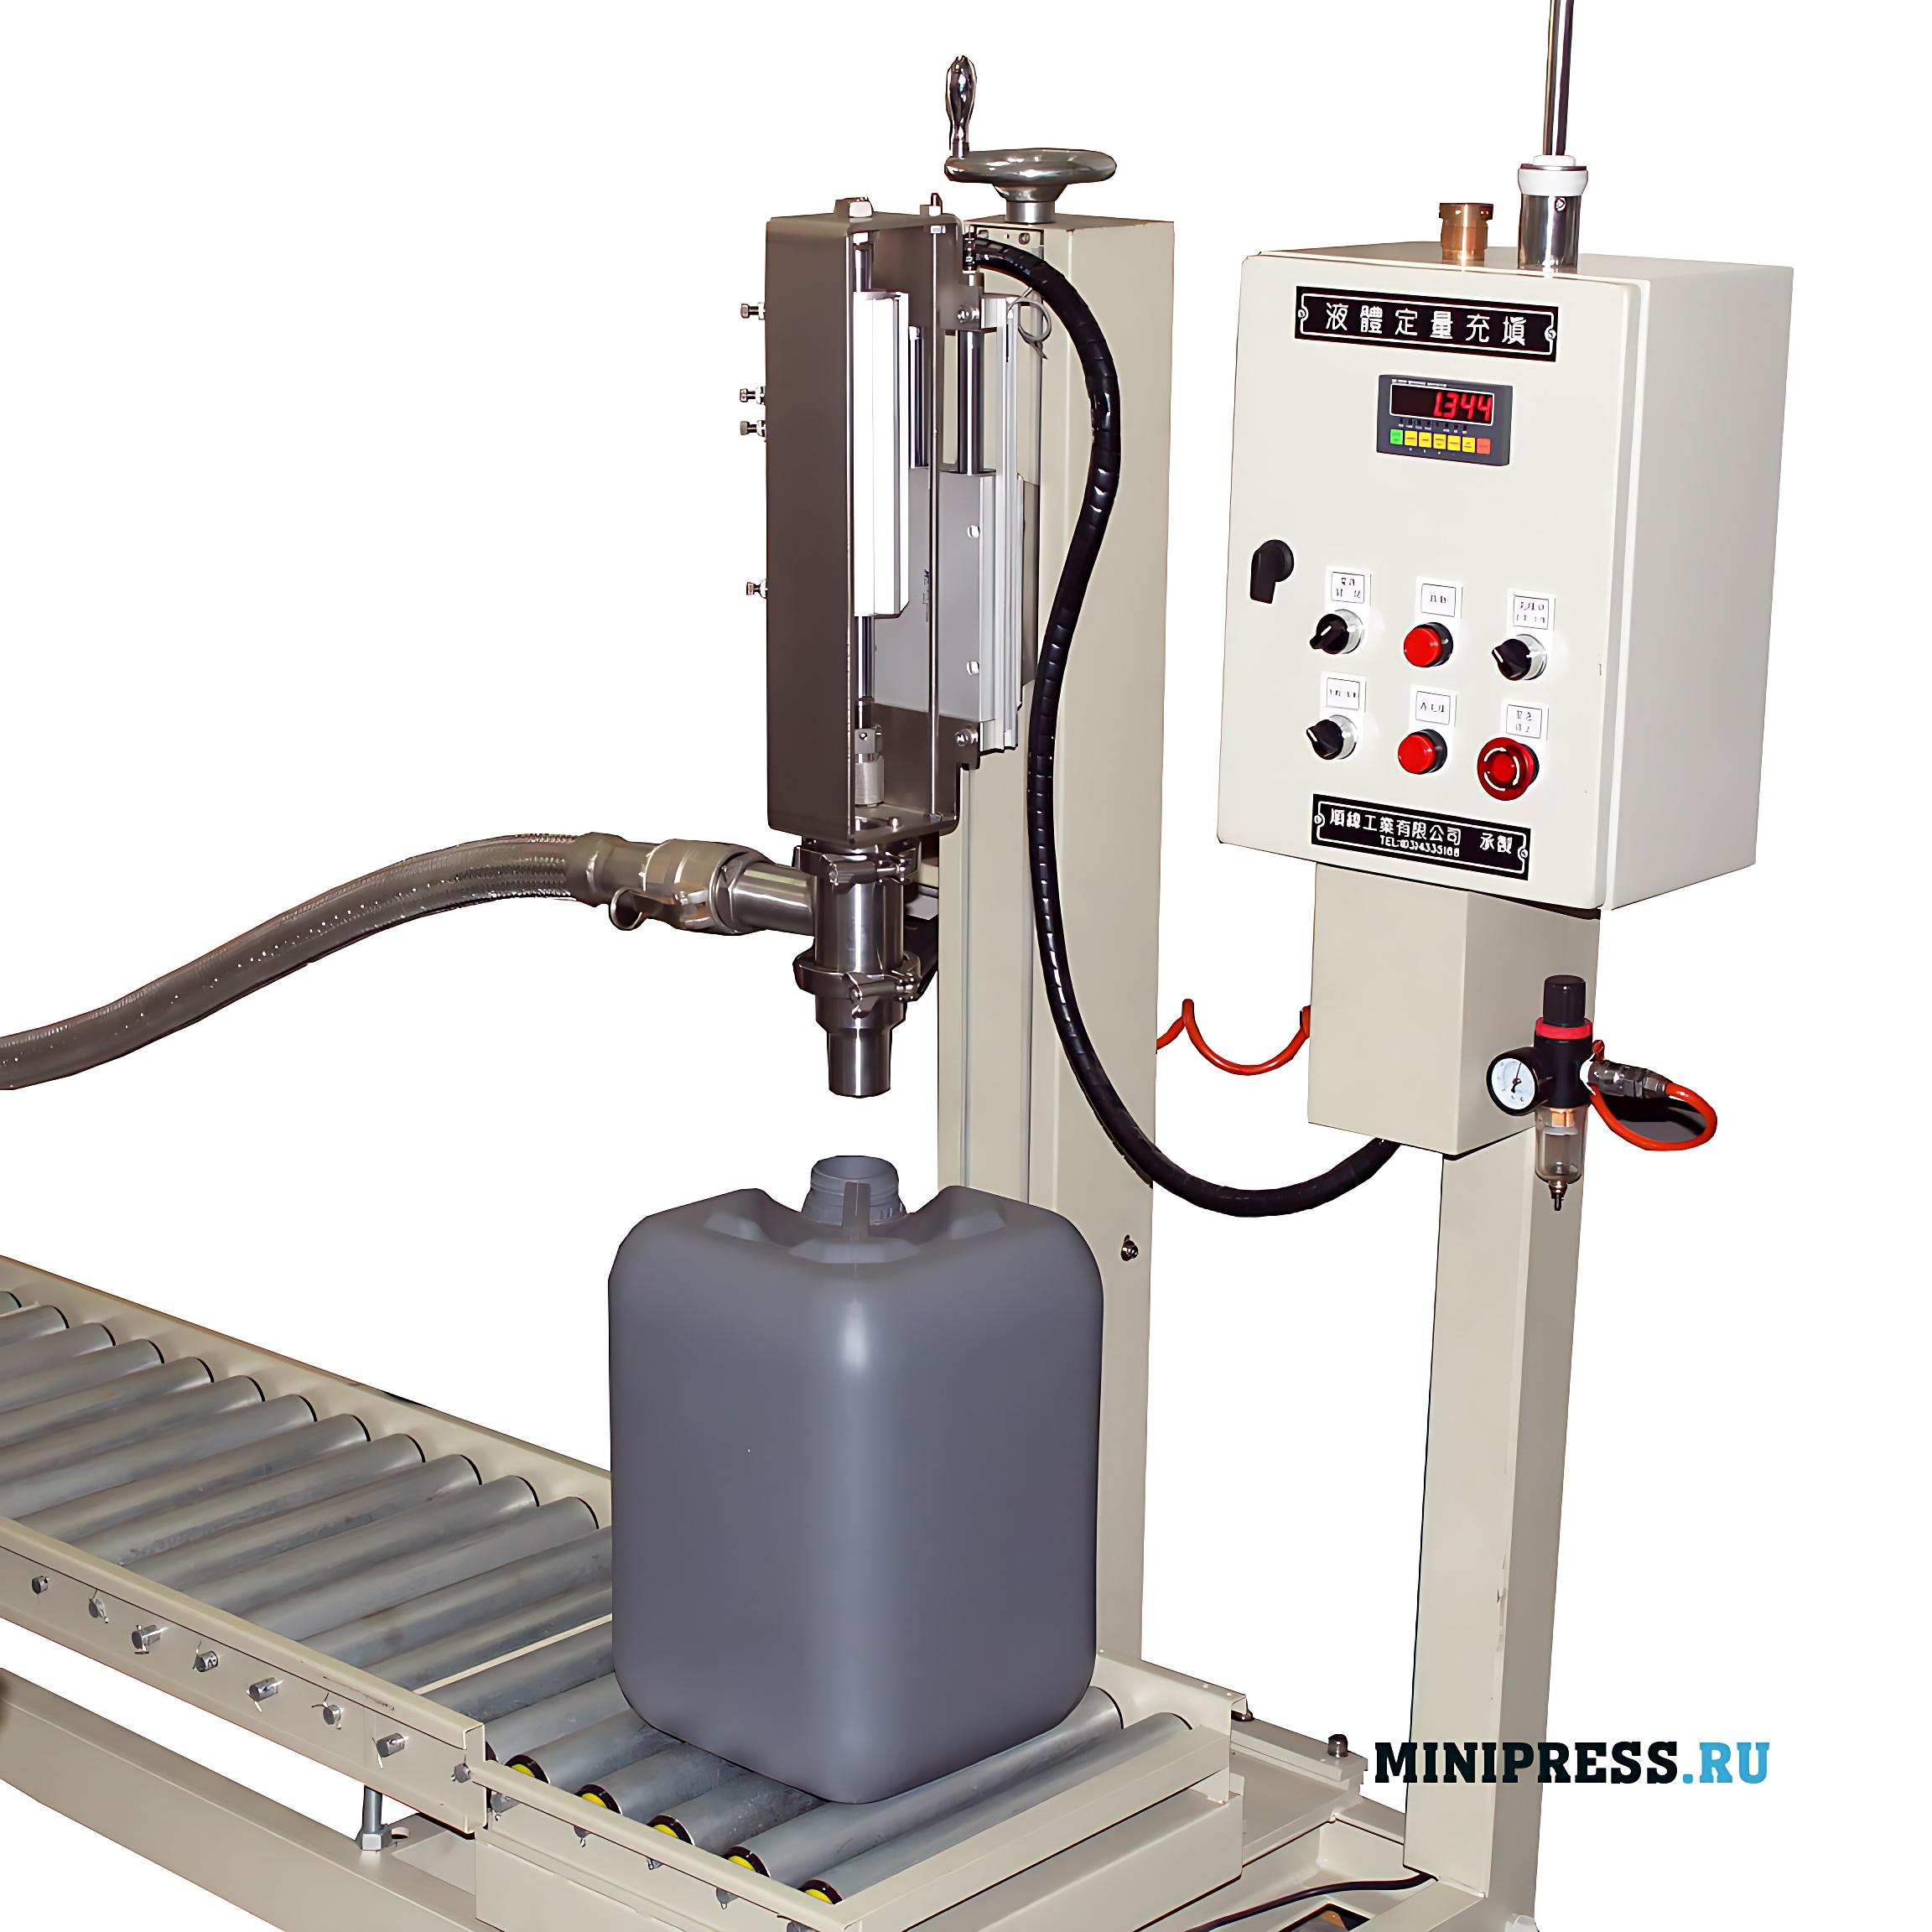 Оборудование для розлива химических веществ, красок и лаков и нефтепродуктов